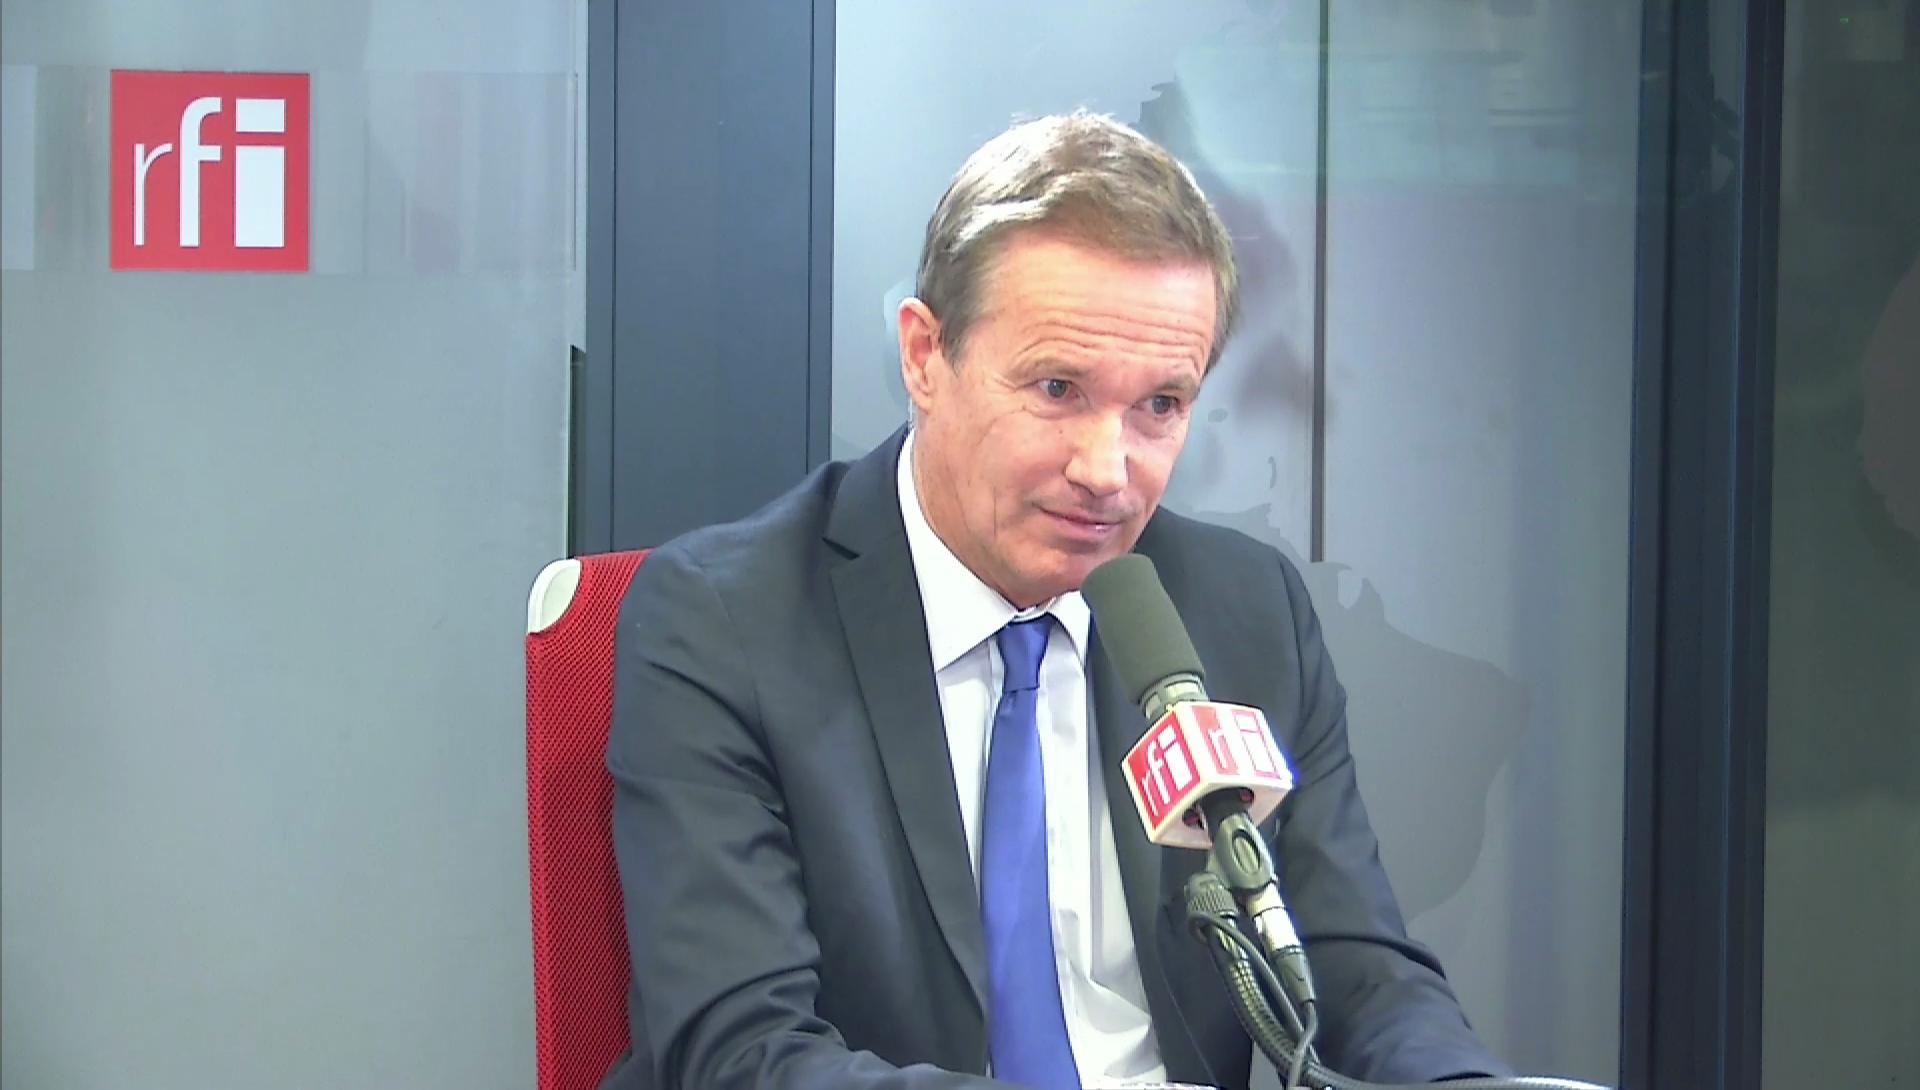 Nicolas Dupont-Aignan sur RFI le 3 décembre 2019.